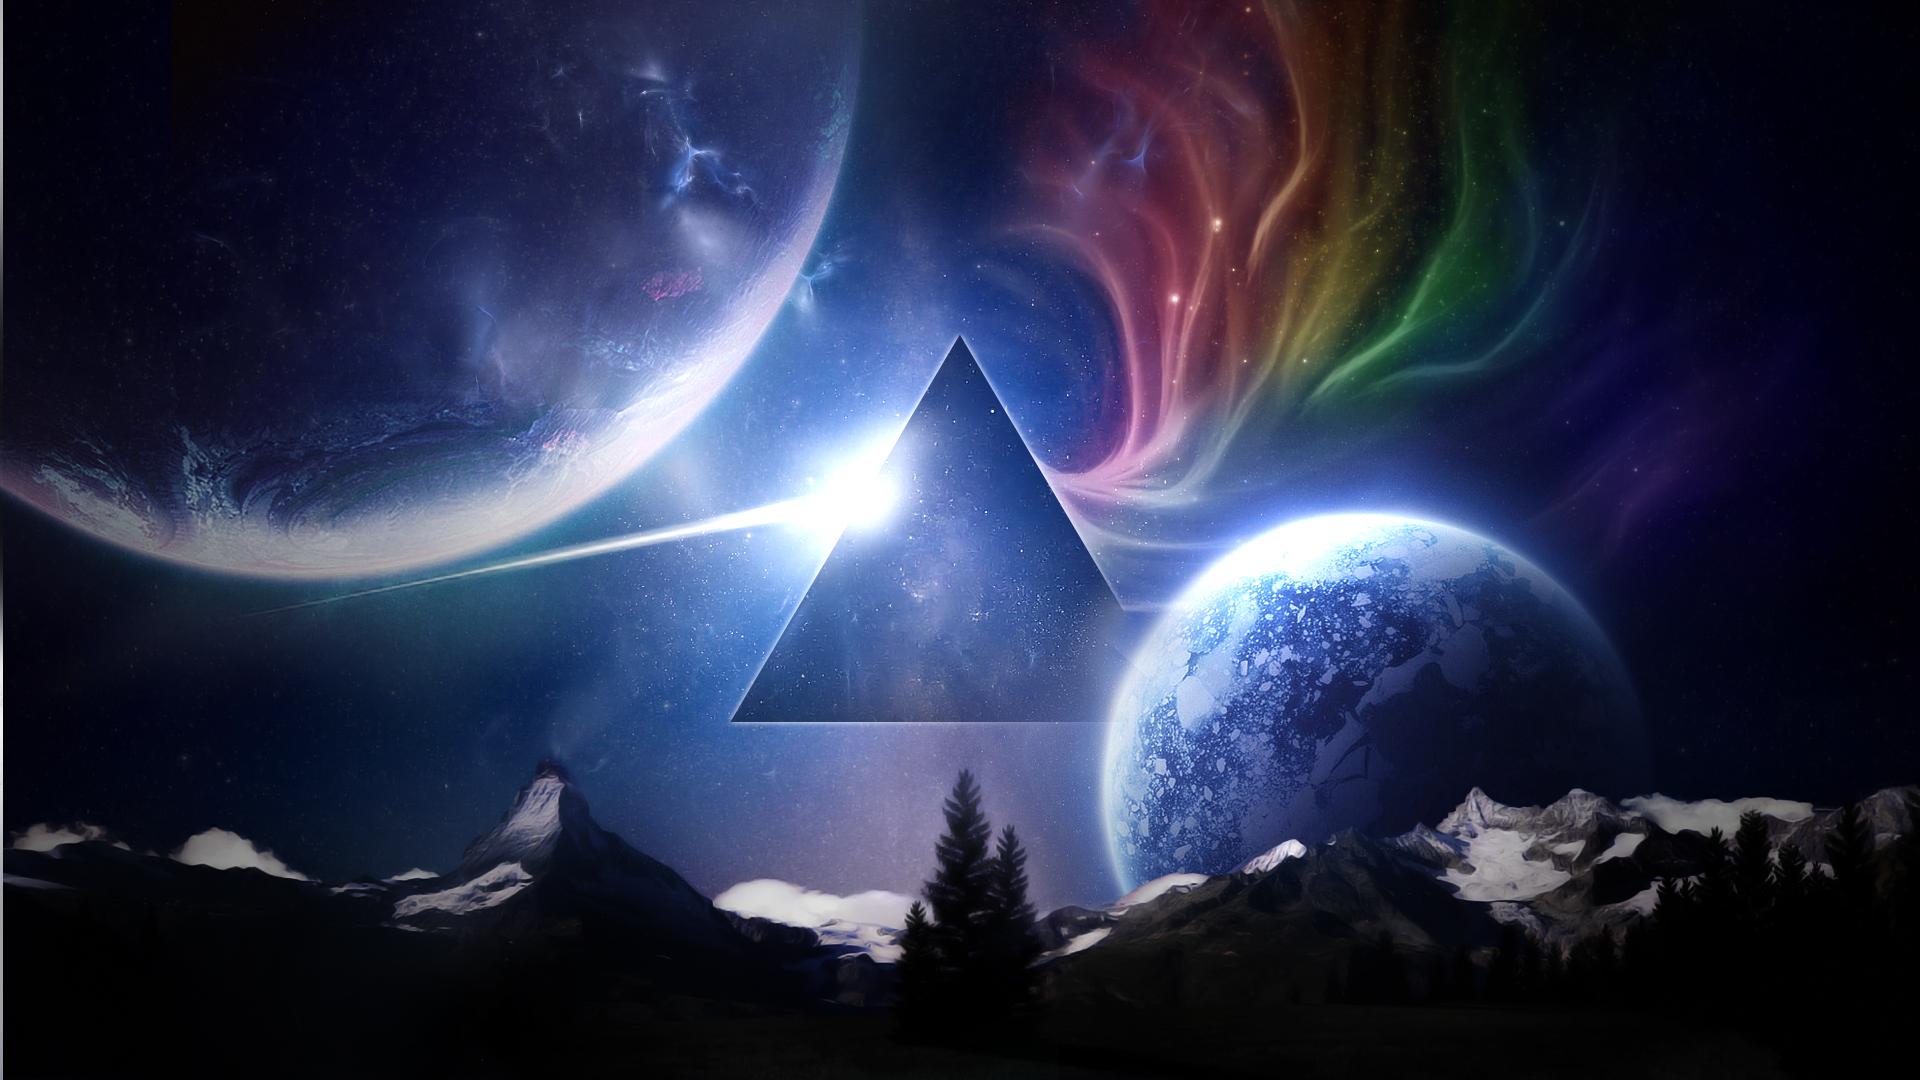 Pink Floyd by Greev 1920x1080